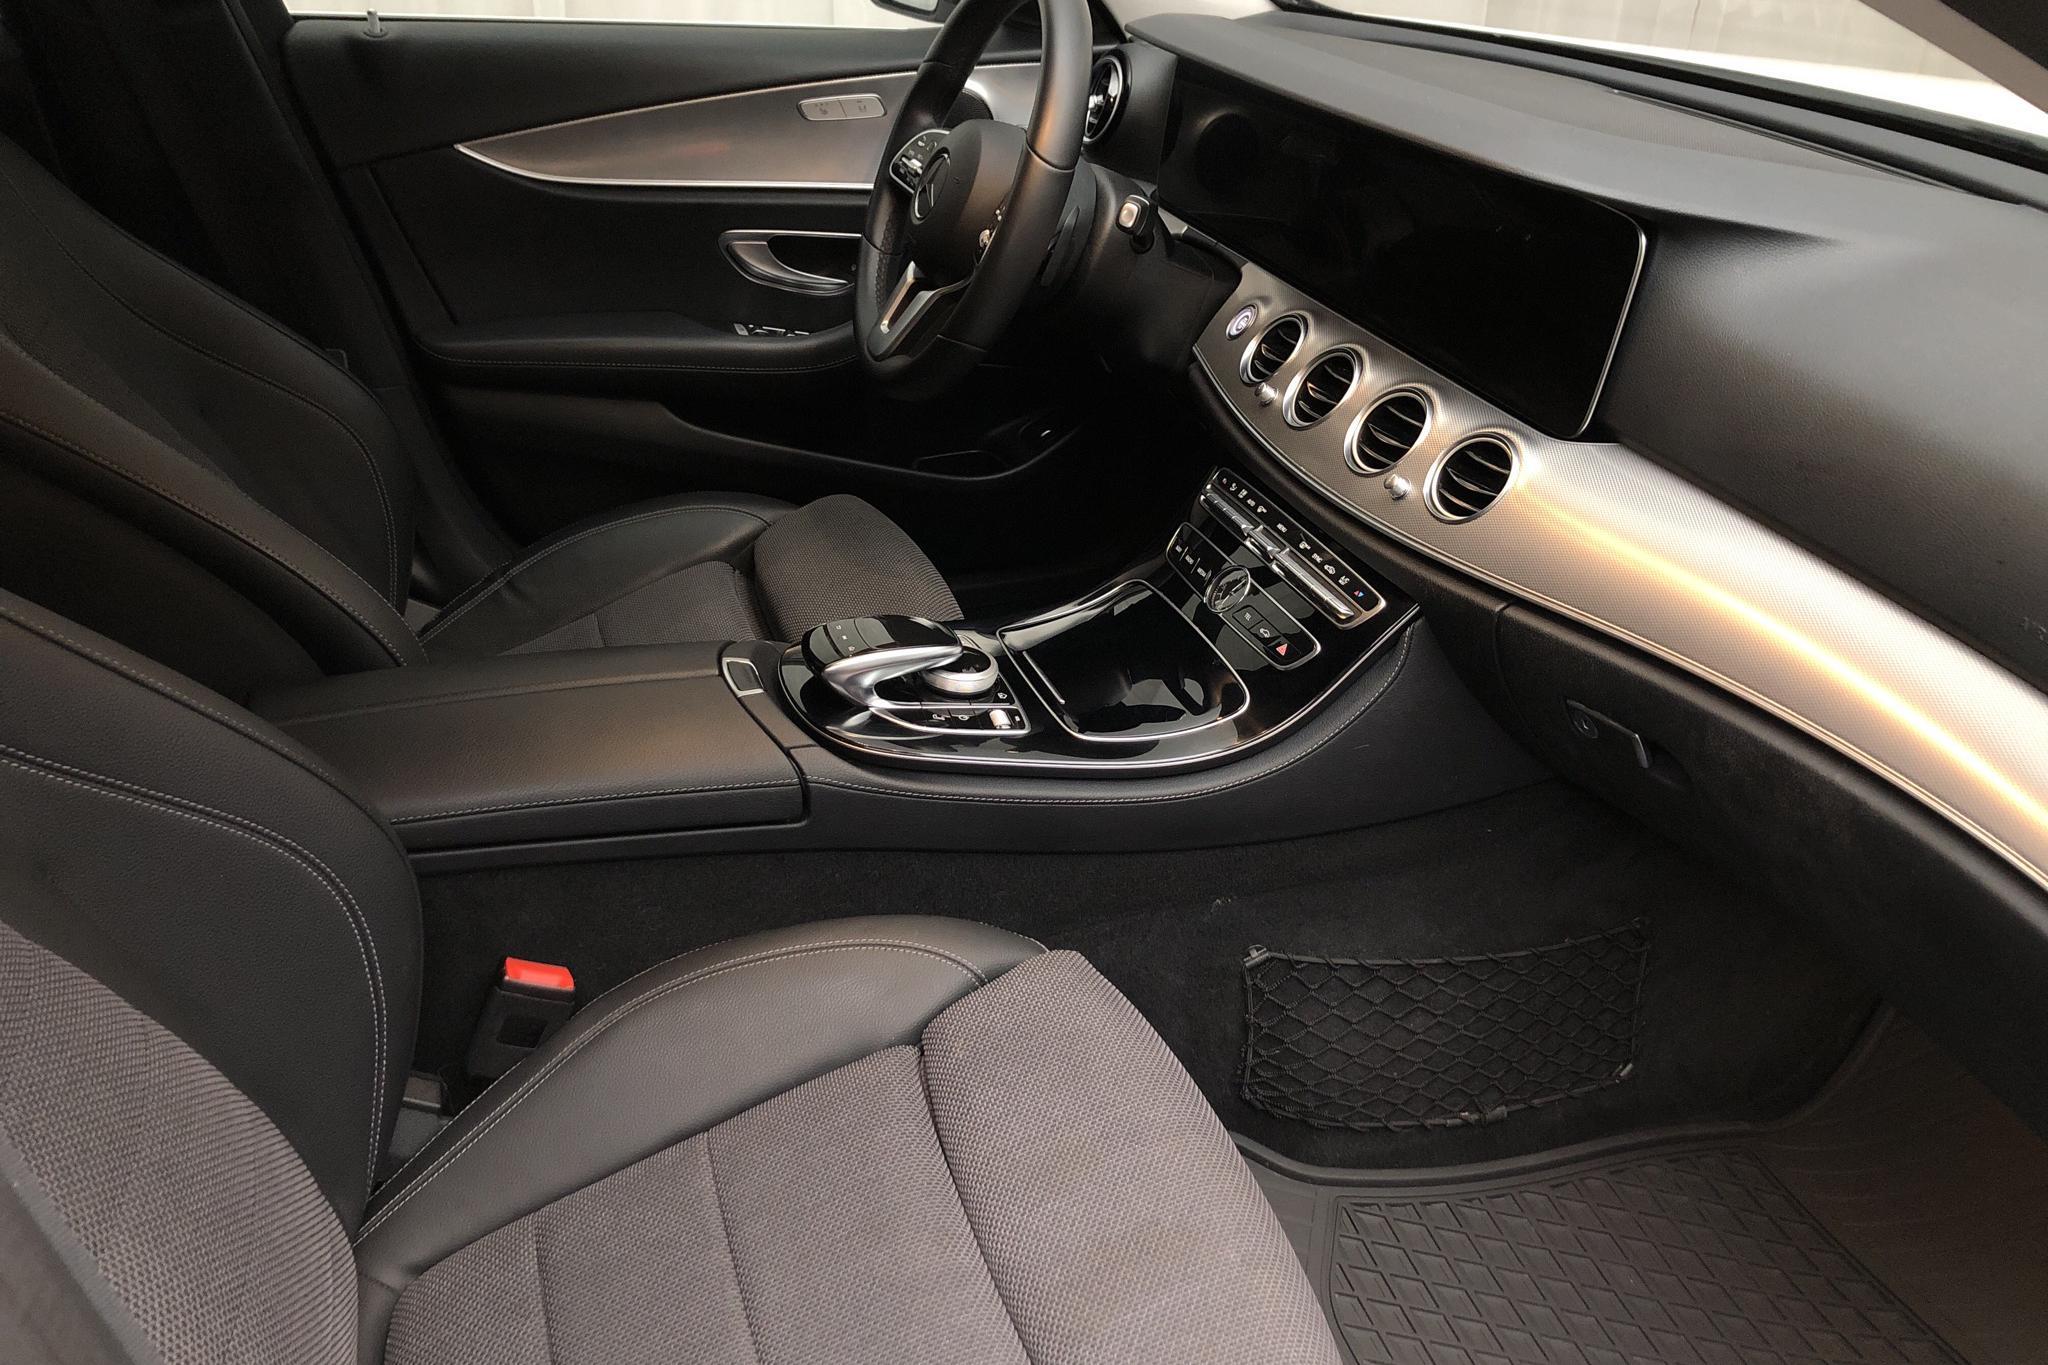 Mercedes E 200 d Kombi S213 (150hk) - 27 250 km - Automatic - white - 2019